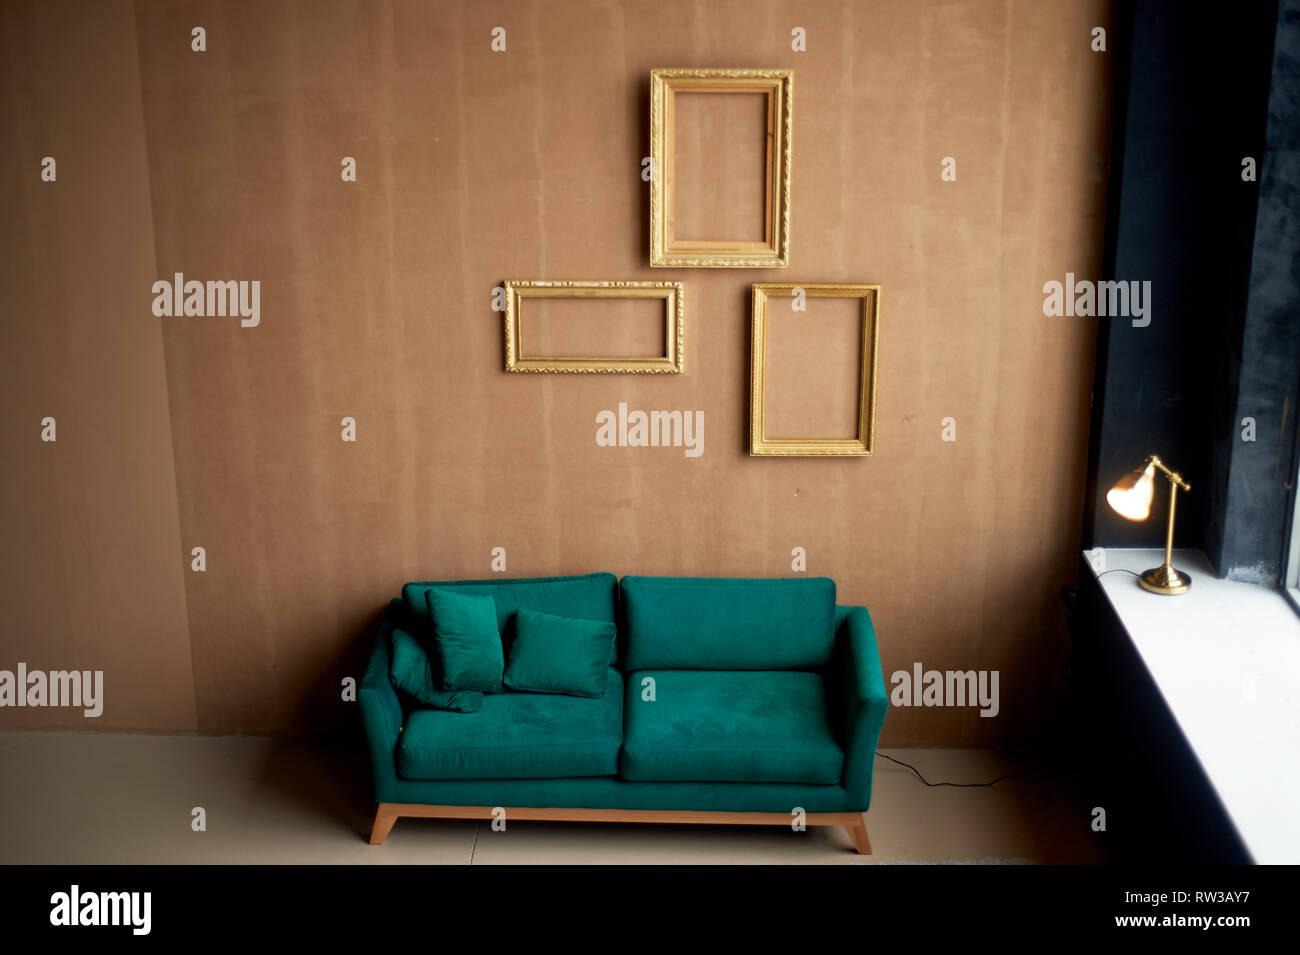 Emerald samt retro Sofa gegen einen warmen braunen Wand. Das Innere eines stilvollen Zimmer. Leere gold Frames an der Wand. Stockfoto